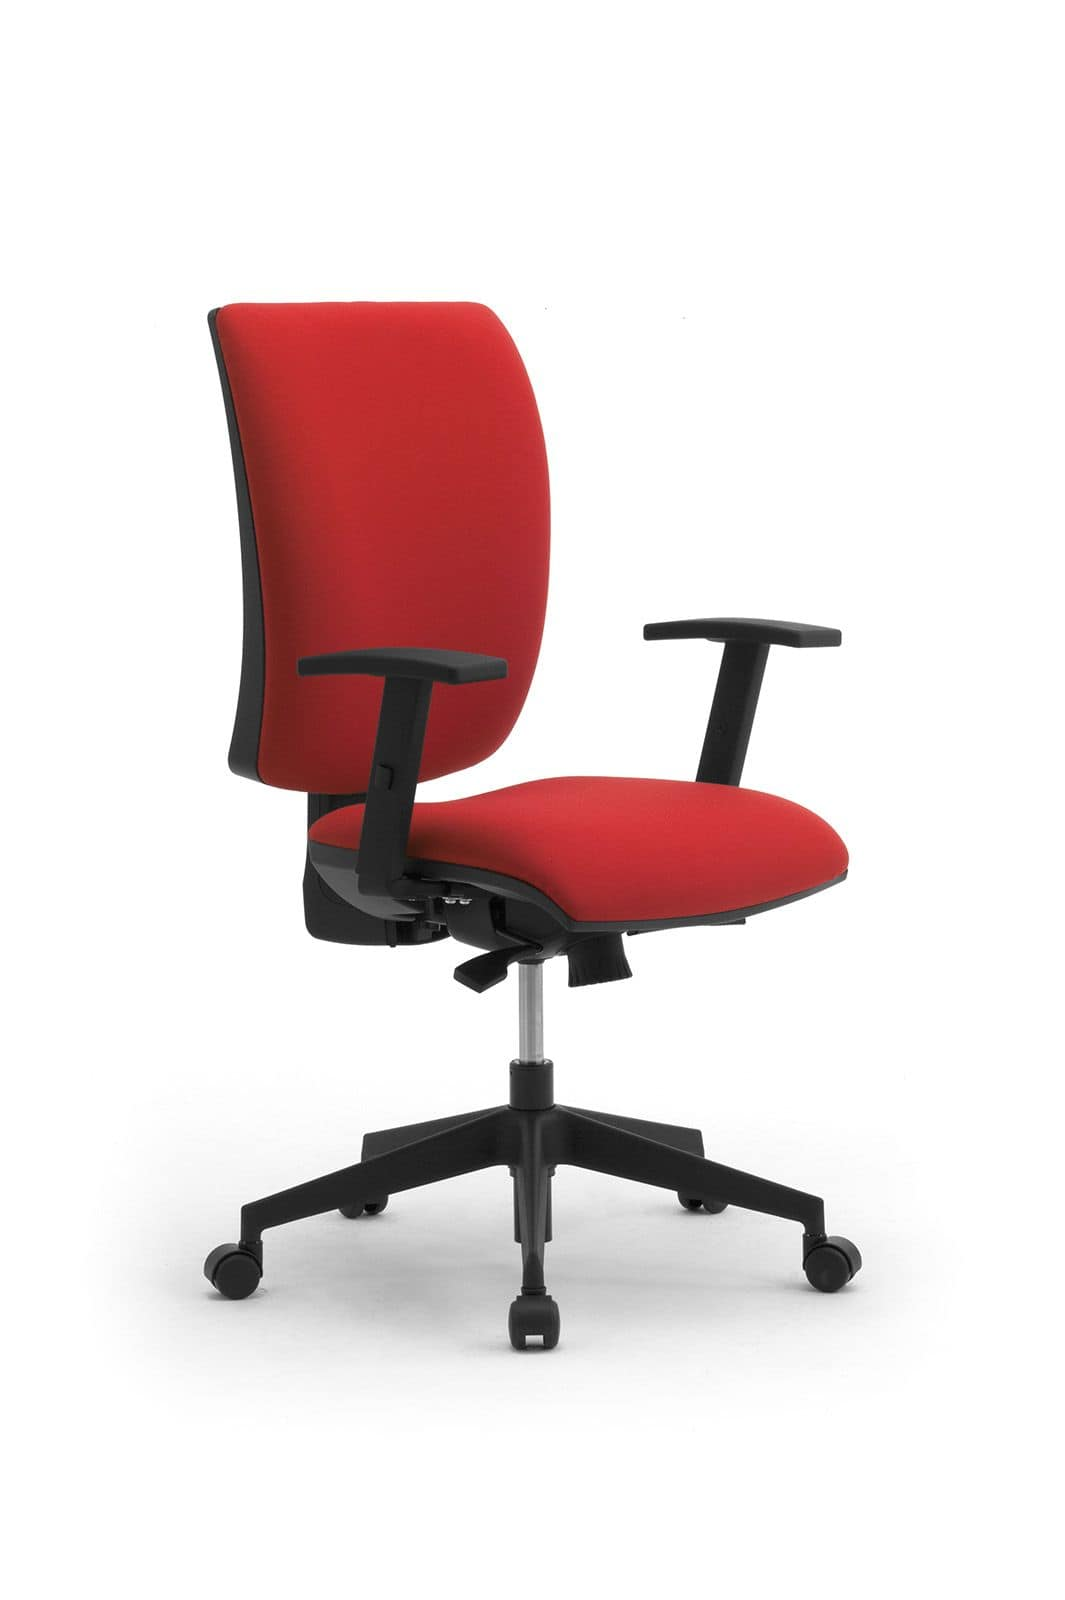 Sedia operativa per ufficio con schienale medio alto for Sedia ortopedica per ufficio